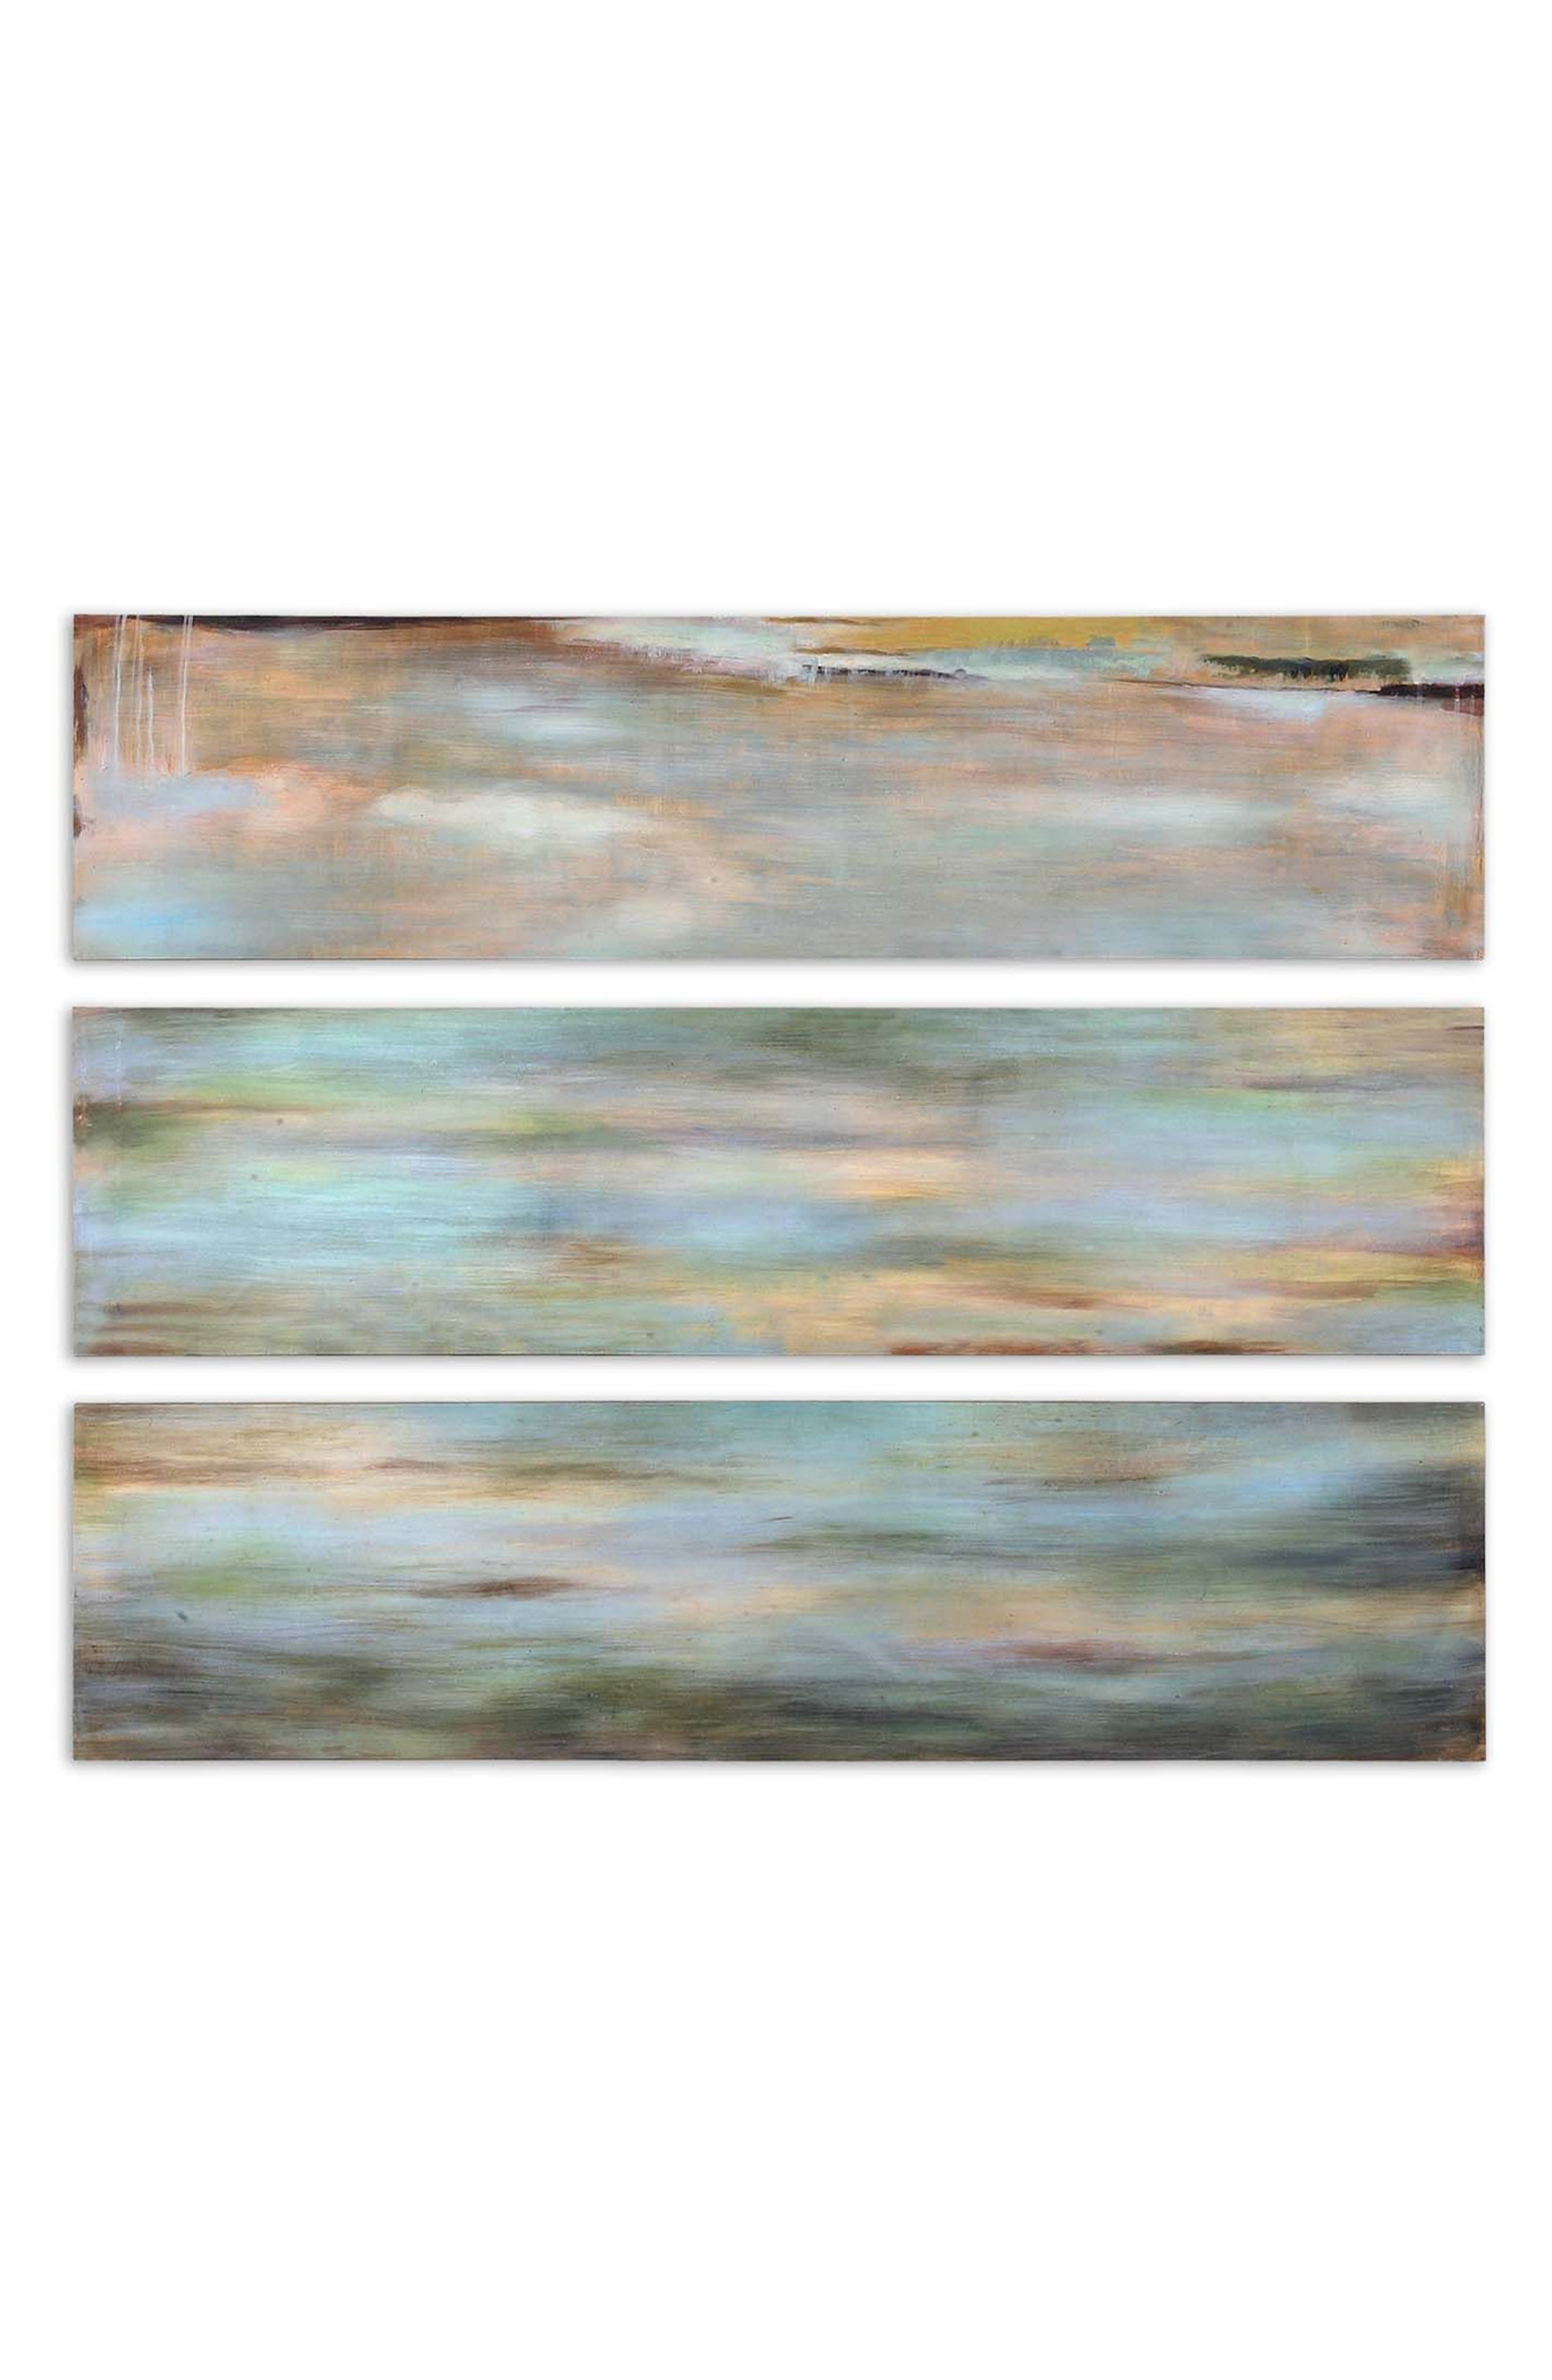 Horizon View 3-Panel Wall Art,                             Main thumbnail 1, color,                             950